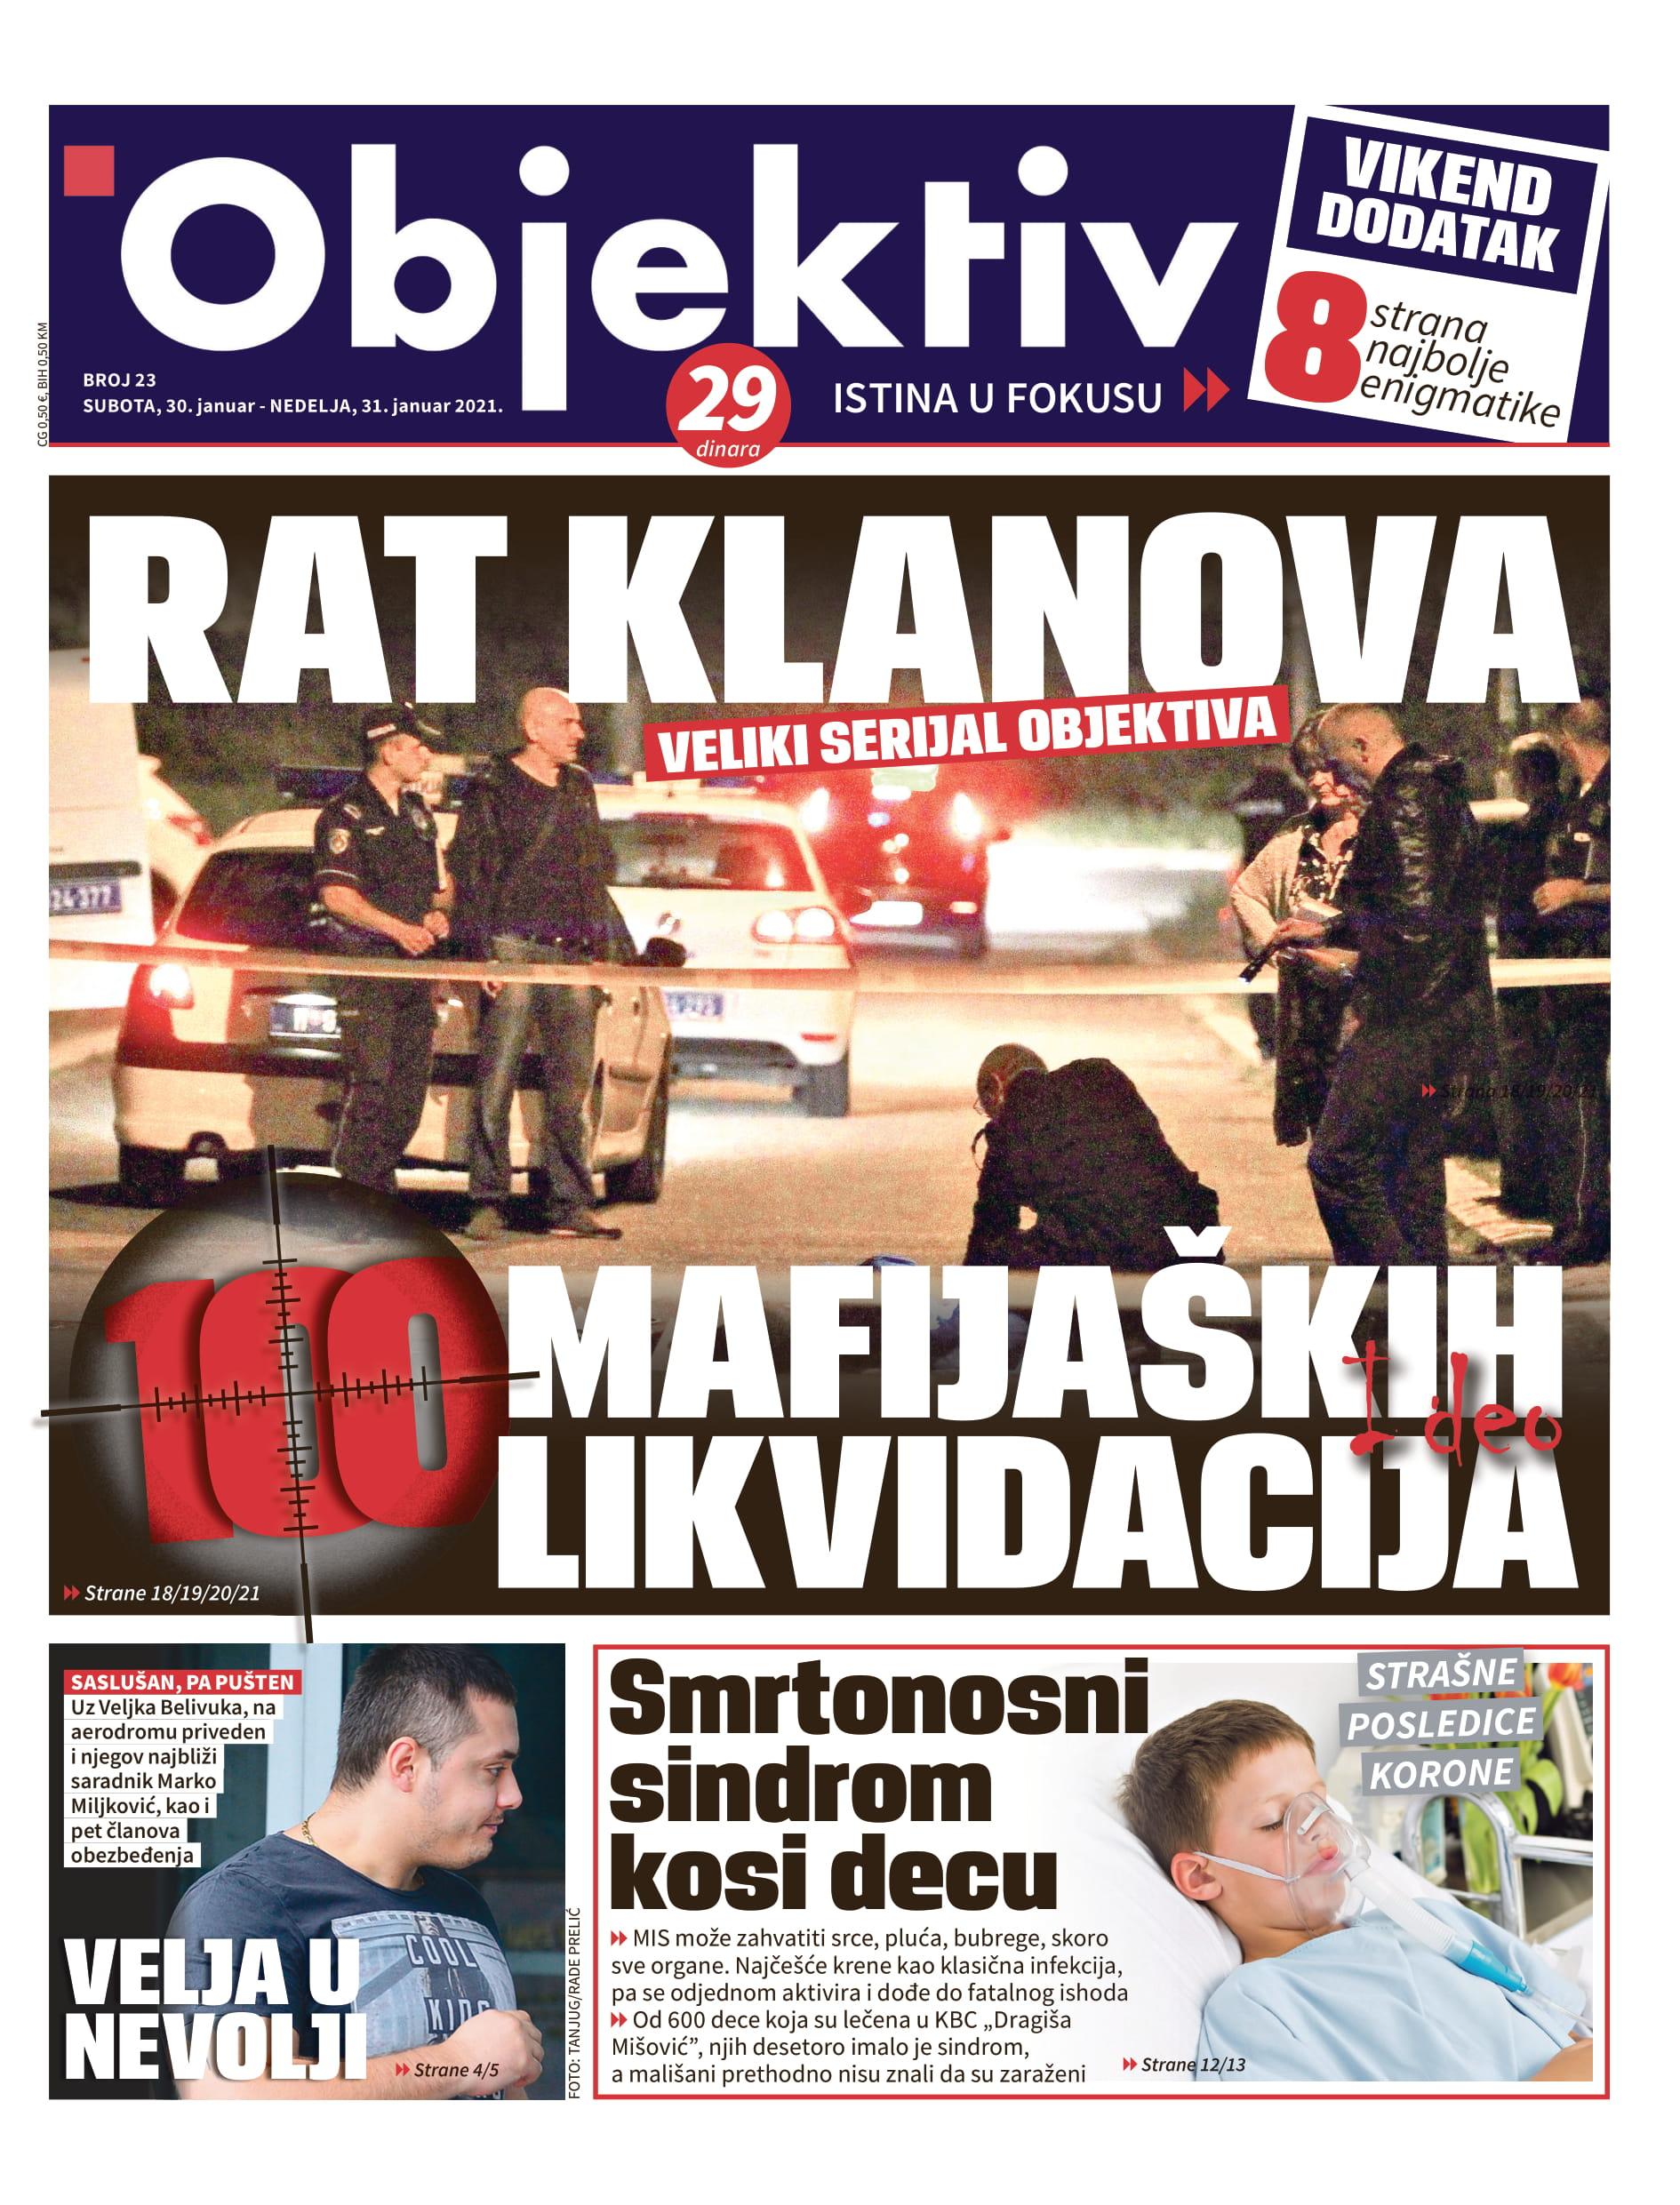 Danas u novinama Objektiv: Smrtonosni sindrom kosi decu, 100 mafijaških likvidacija… (NASLOVNA STRANA)